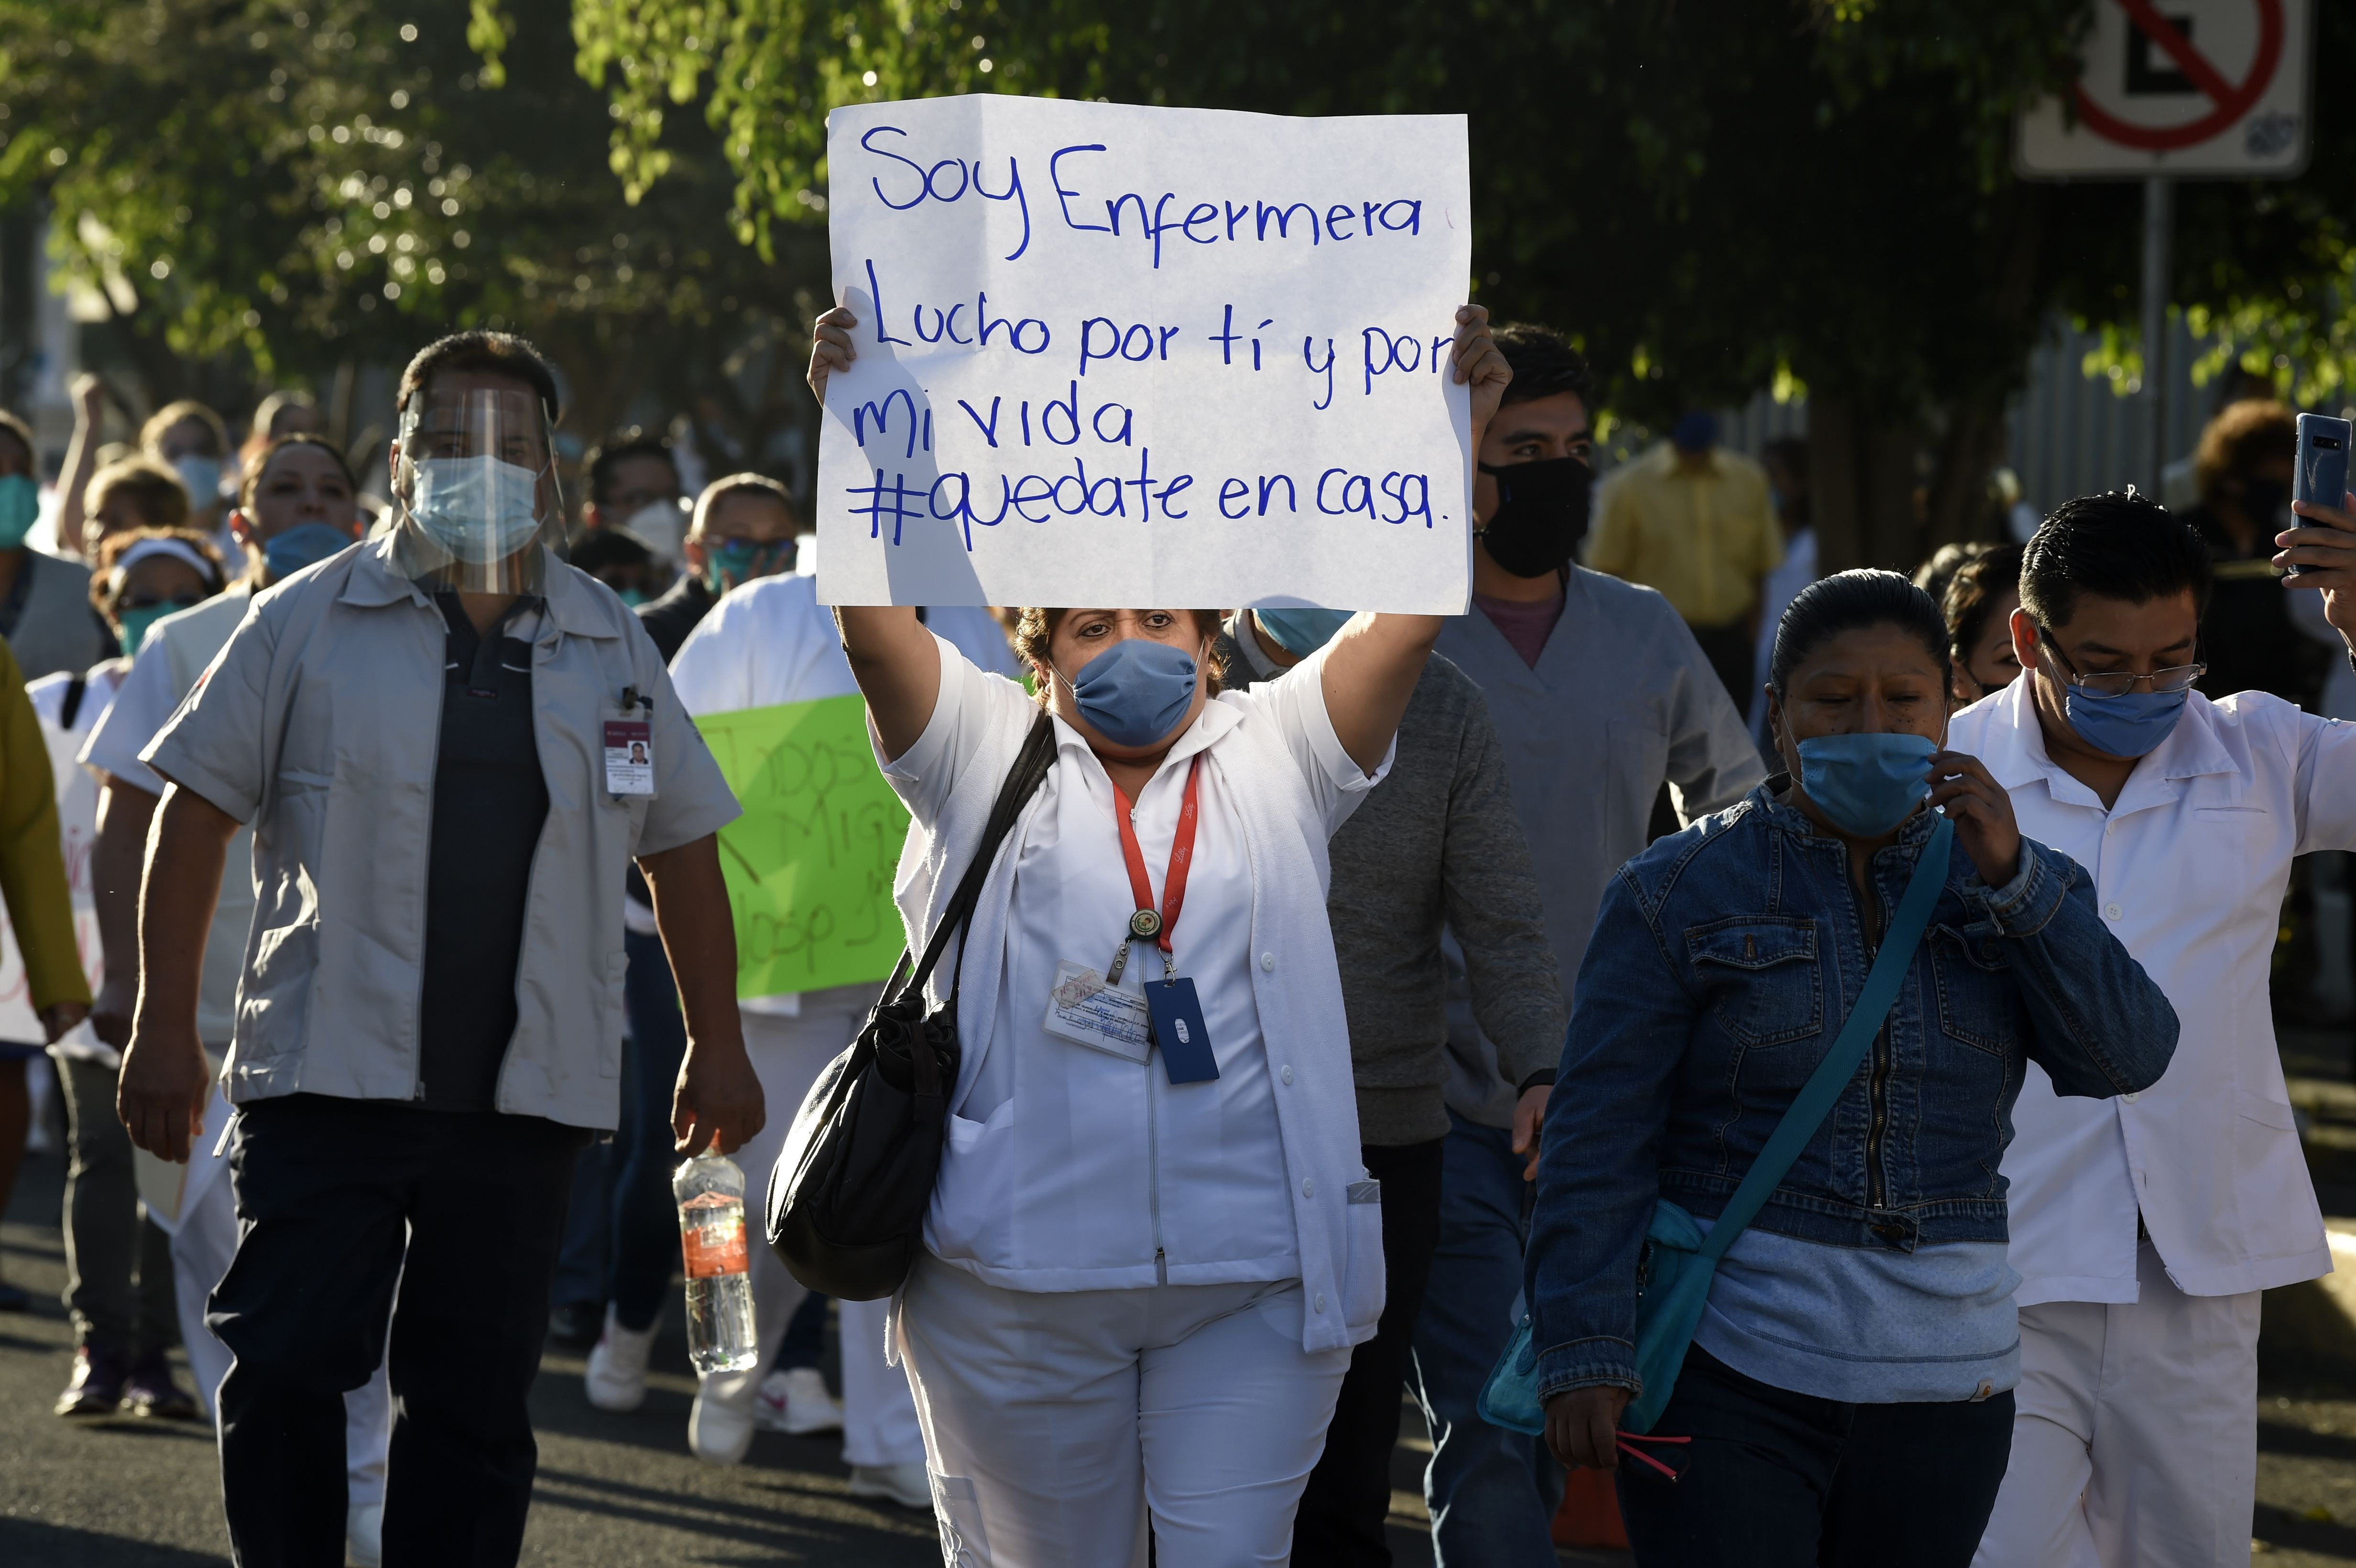 Trabajadores de la salud protestan en la Ciudad de México demandando material médico para poder tratar a pacientes con COVID-19 (Foto: Alfredo Estrella/AFP)